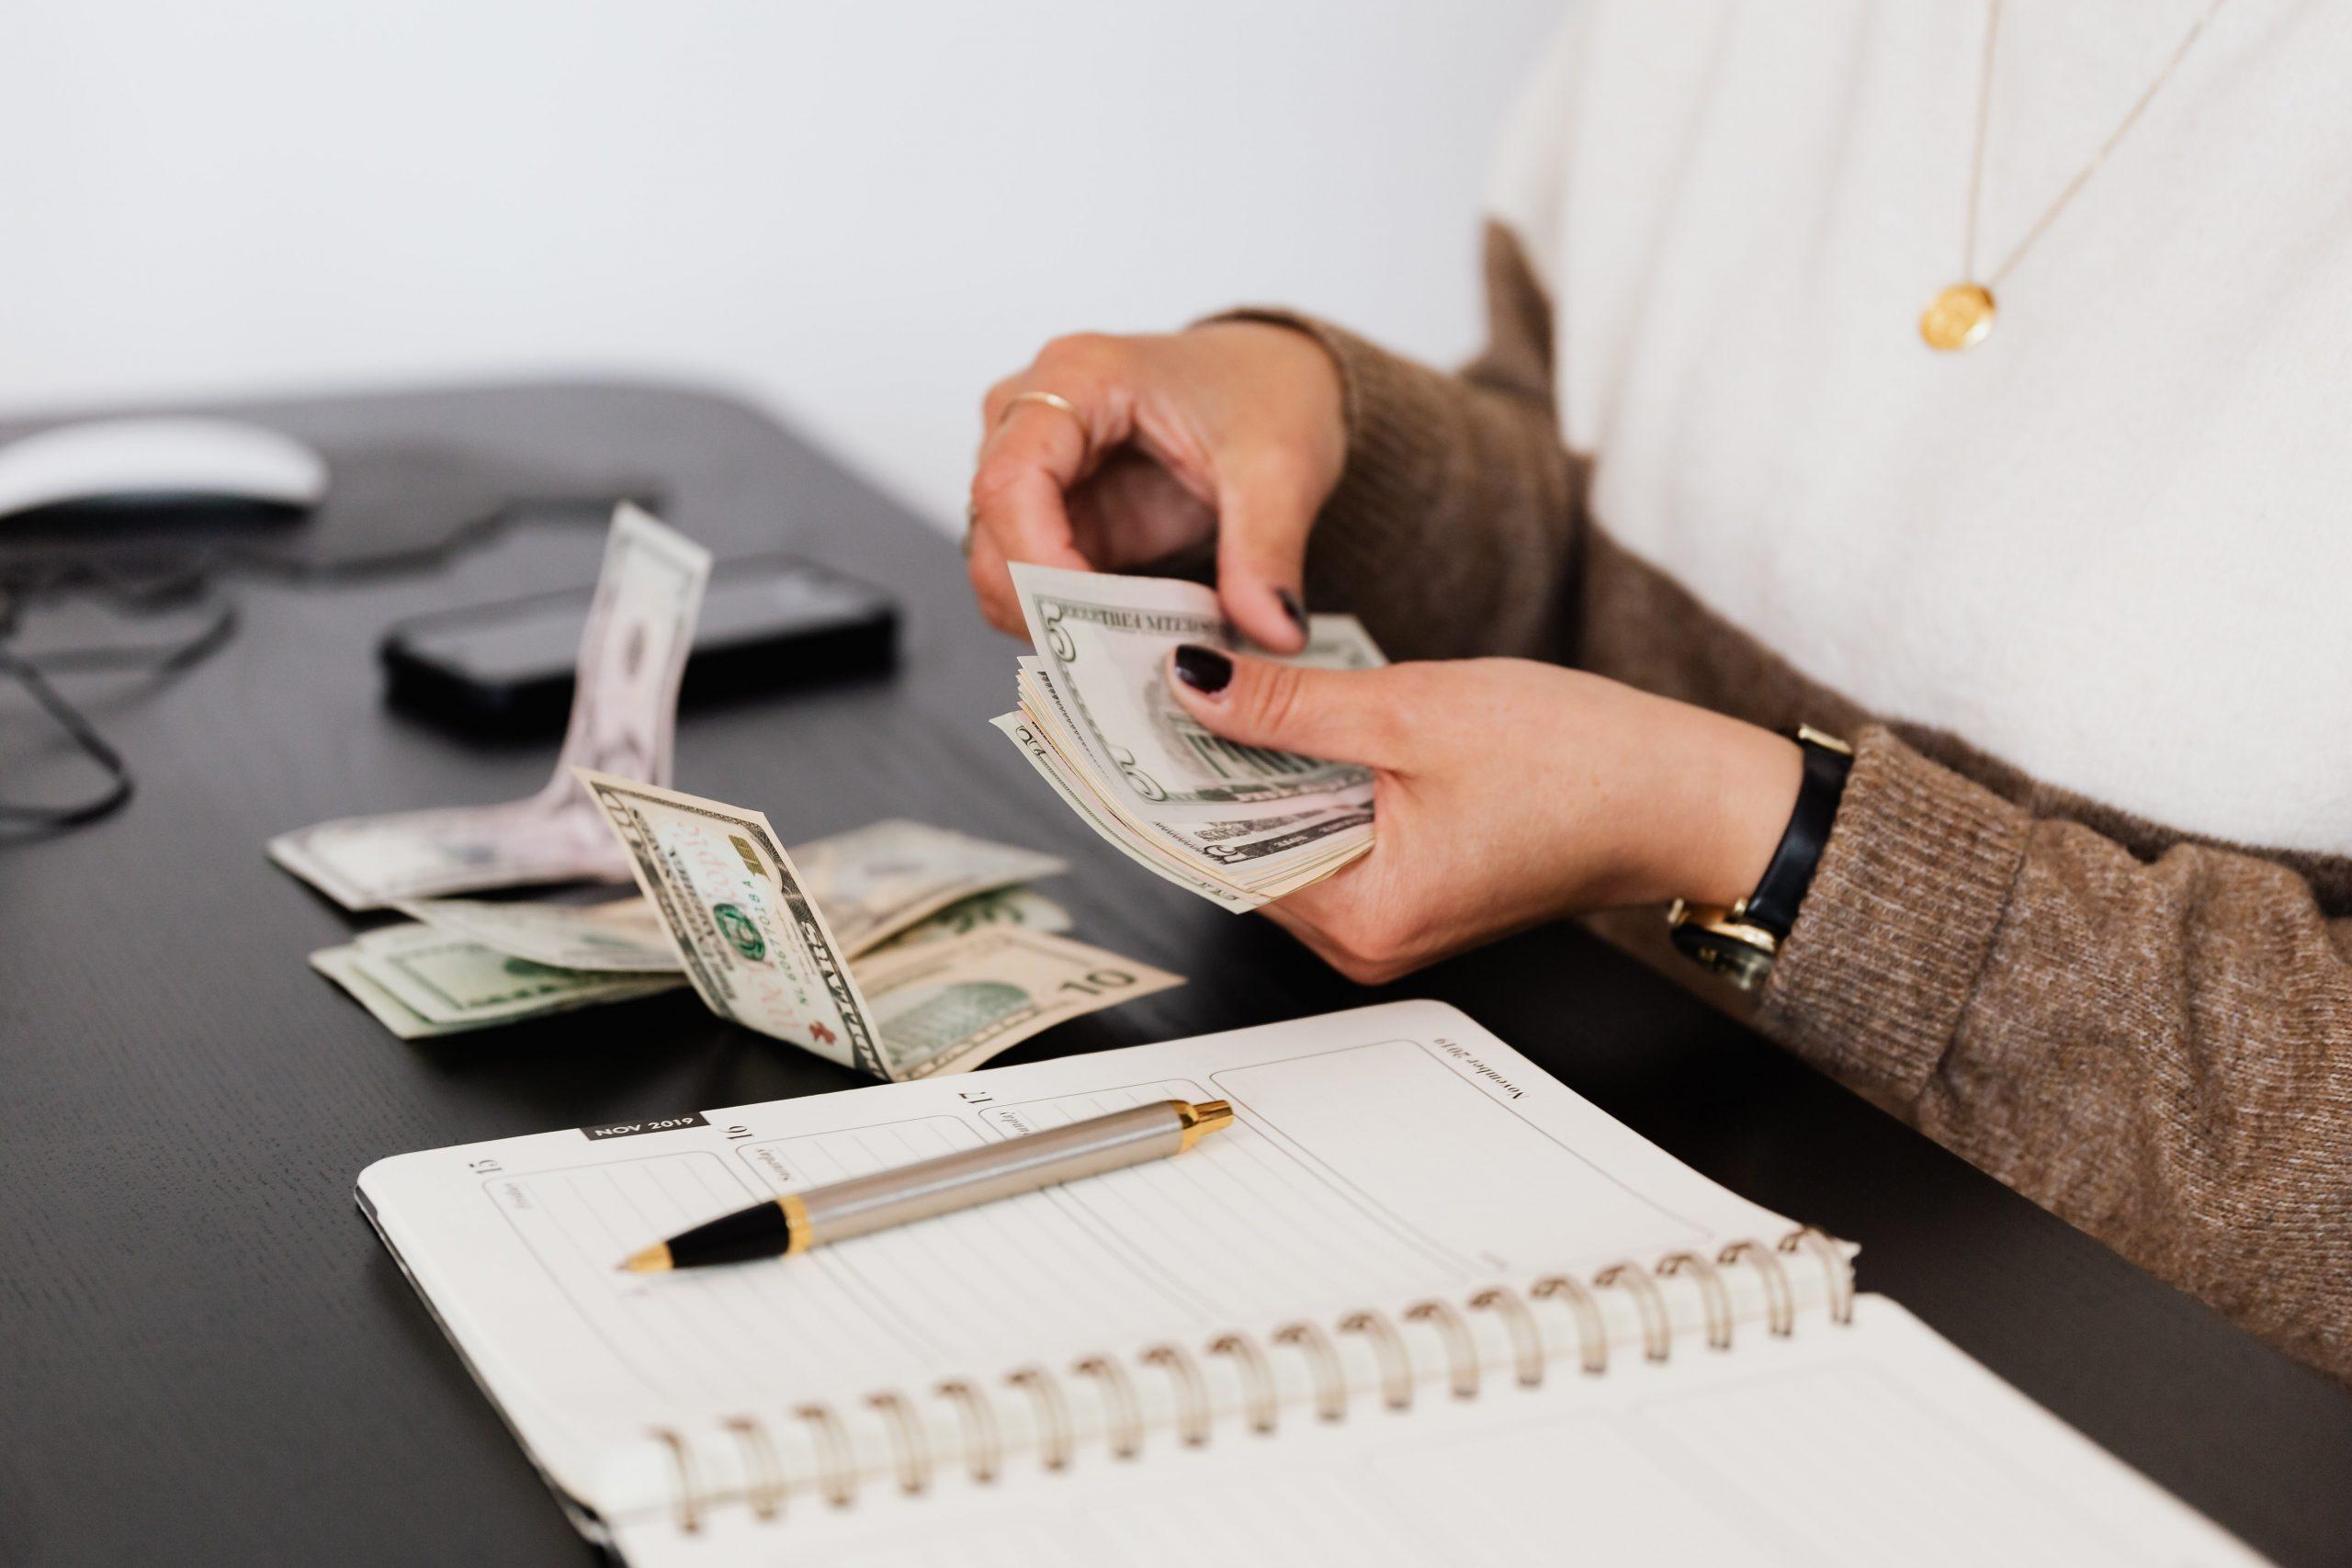 Top Free Ways to Make Money